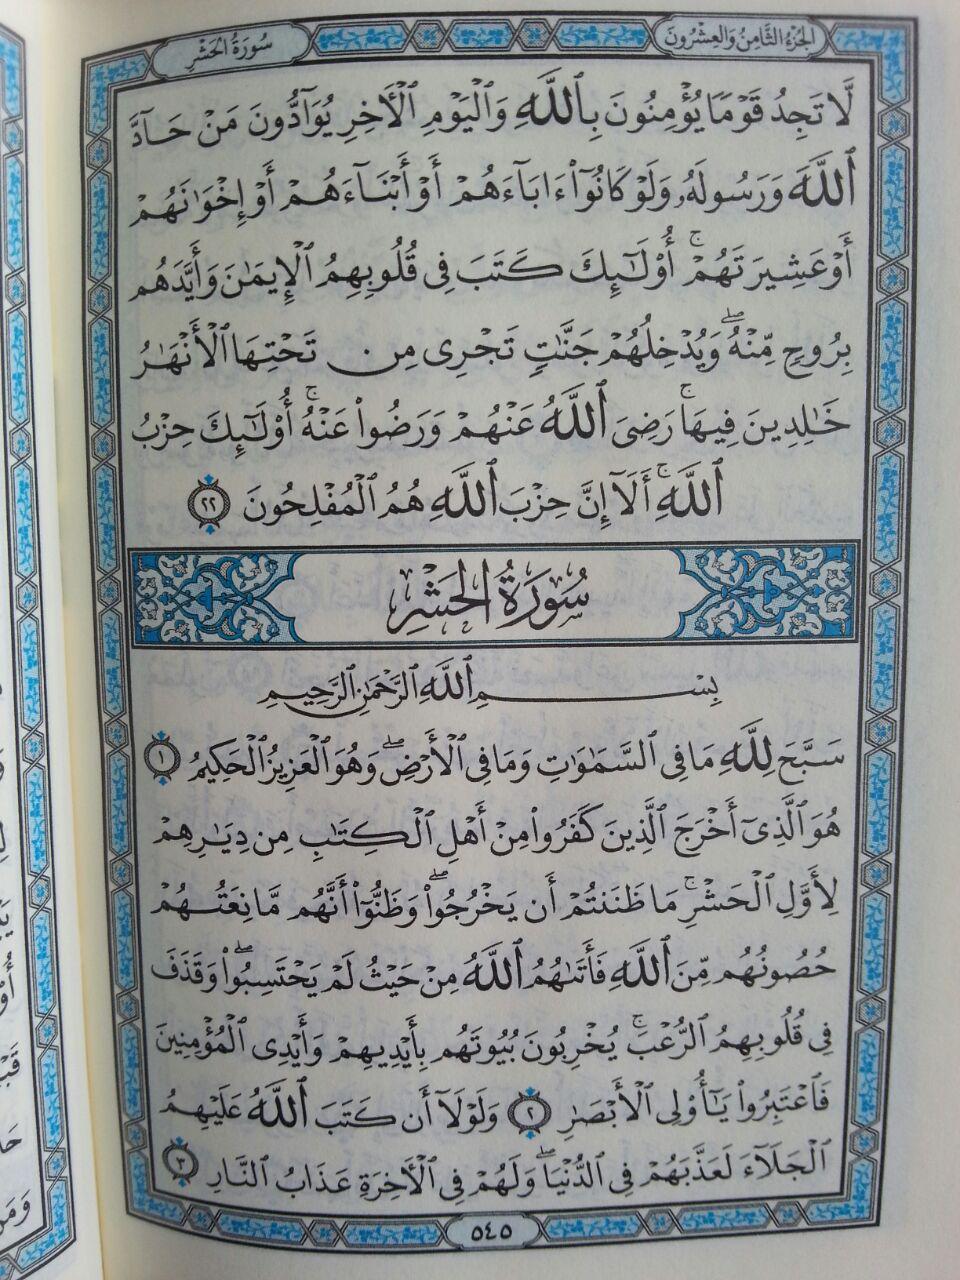 Al-Qur'an Saku Impor Tanpa Terjemah Khath Madinah isi 2